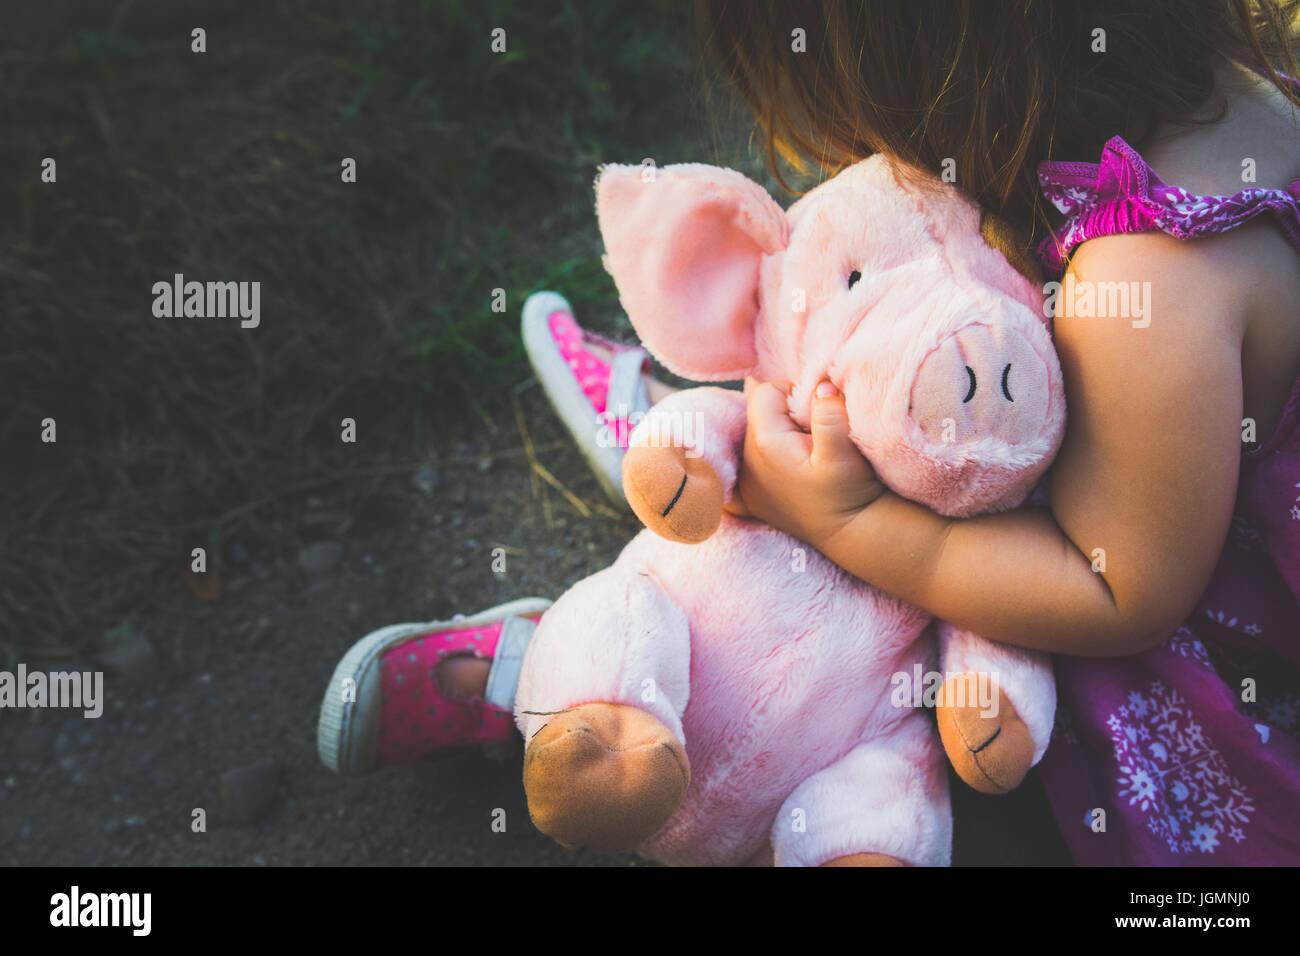 Una giovane donna bambino tiene una rosa di maiale ripiene. Immagini Stock